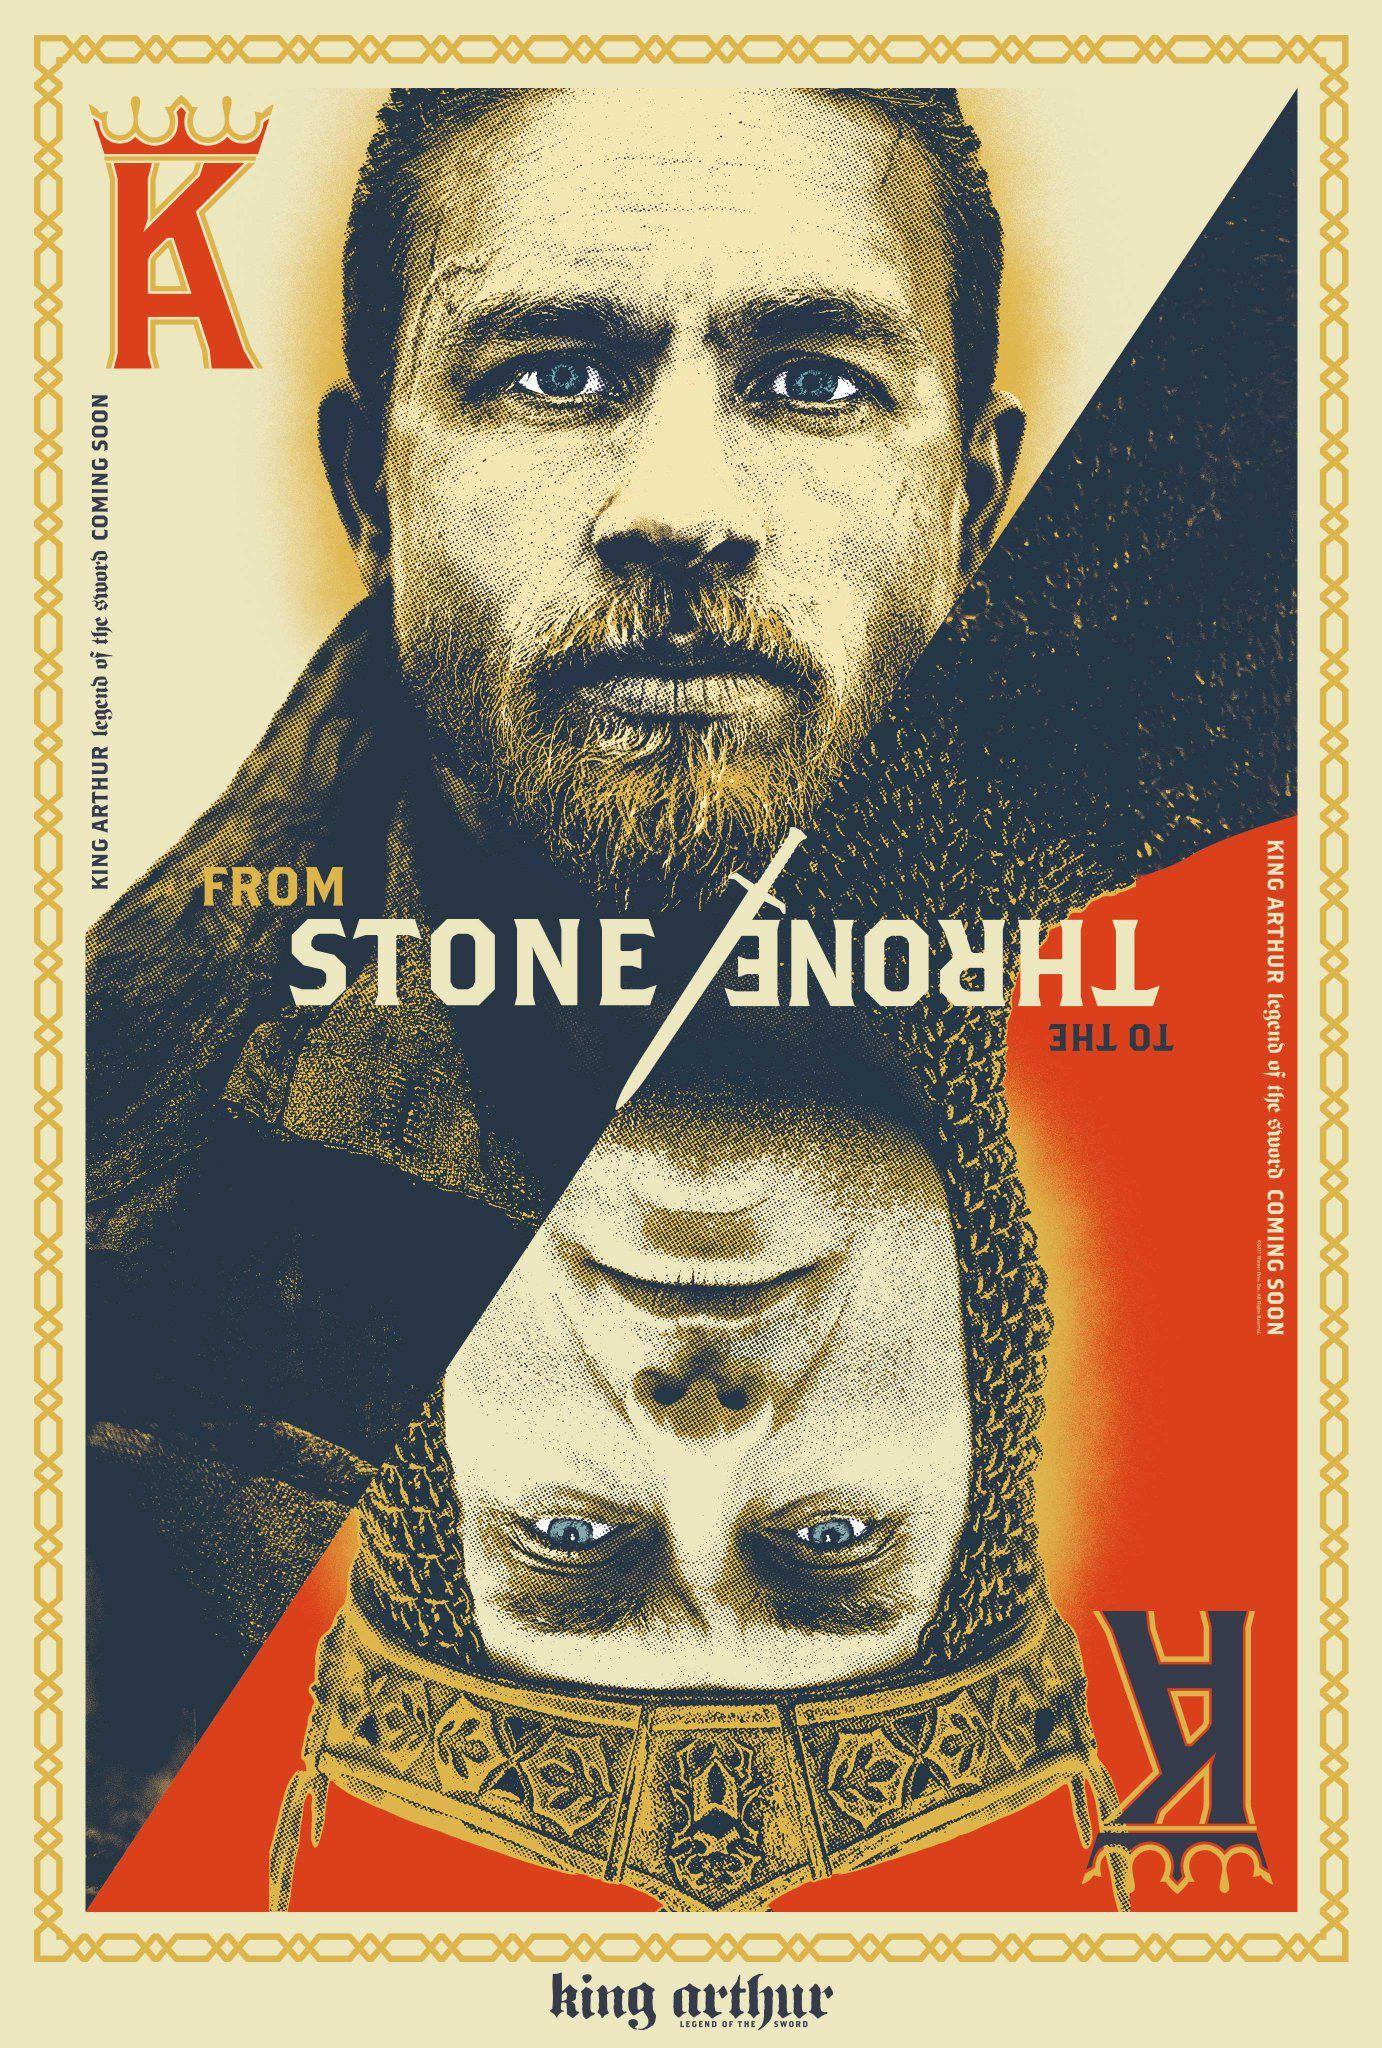 King Arthur Legend Of The Sword 2017 Roi Arthur La Nuit Des Rois Film